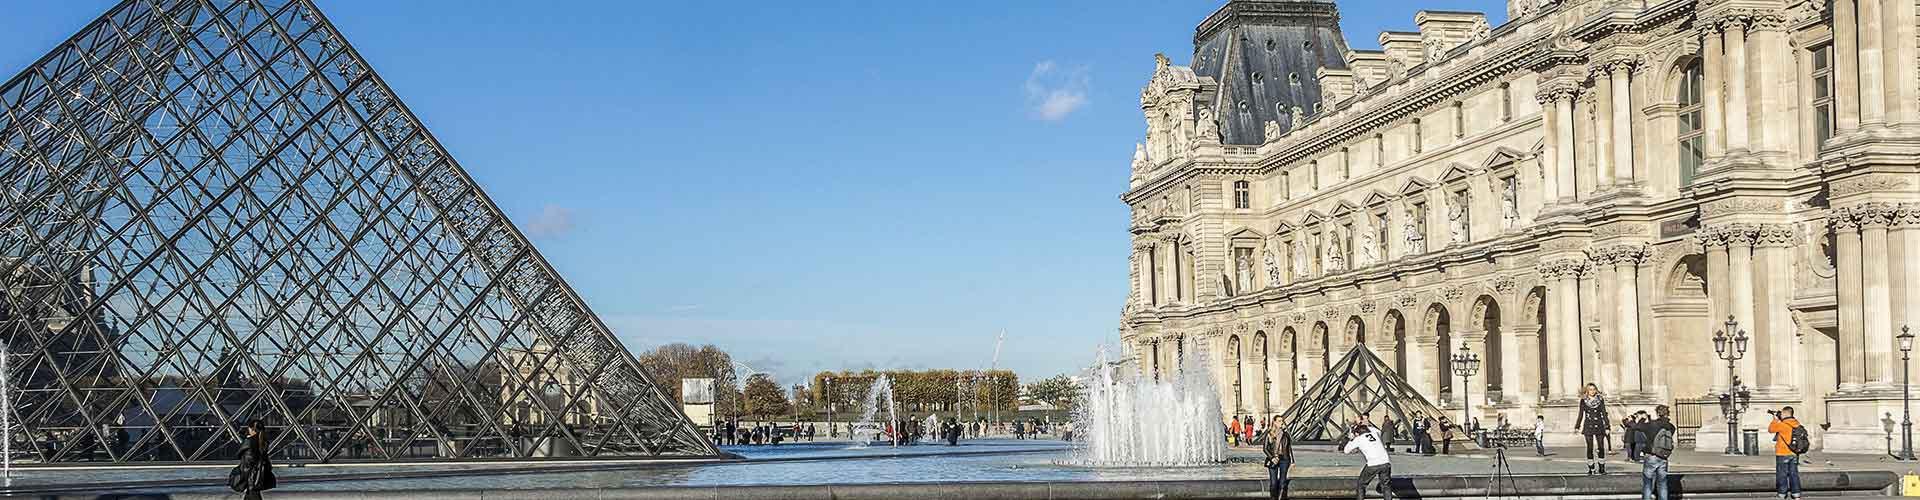 Pariisi – Hostellit lähellä Louvre. Pariisi -karttoja, valokuvia ja arvosteluja kaikista Pariisi -hostelleista.